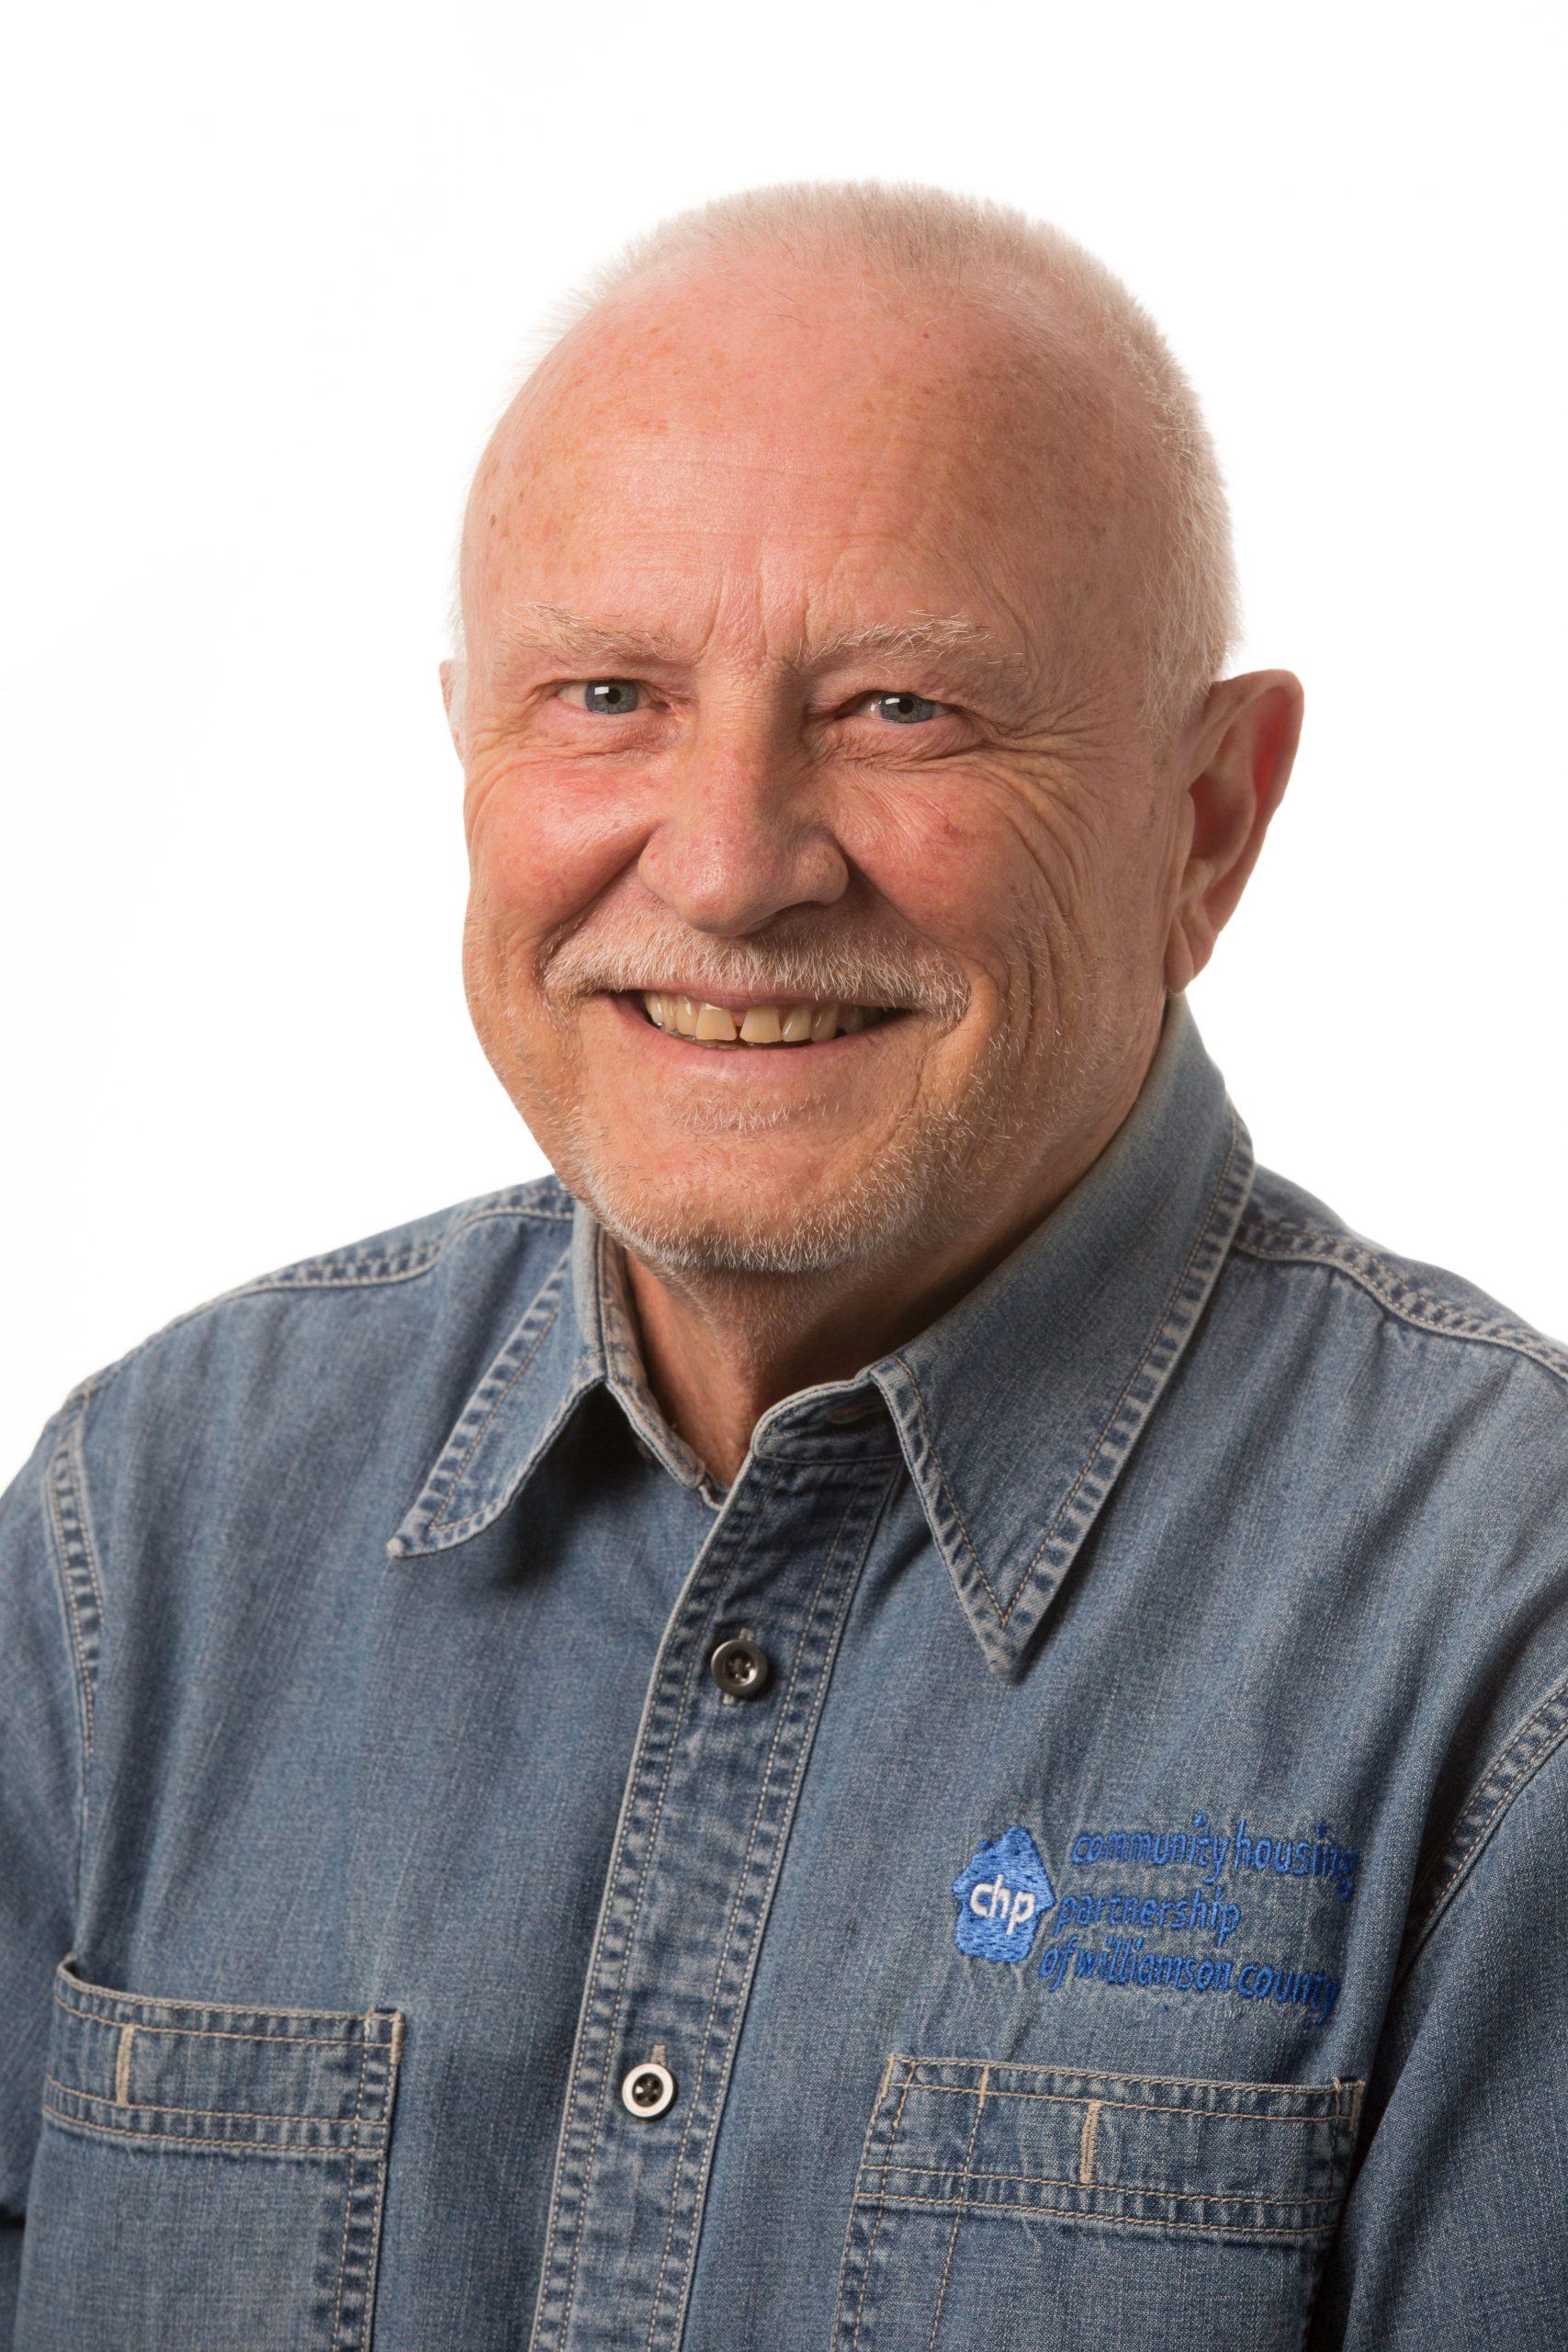 Keith Rieckmann